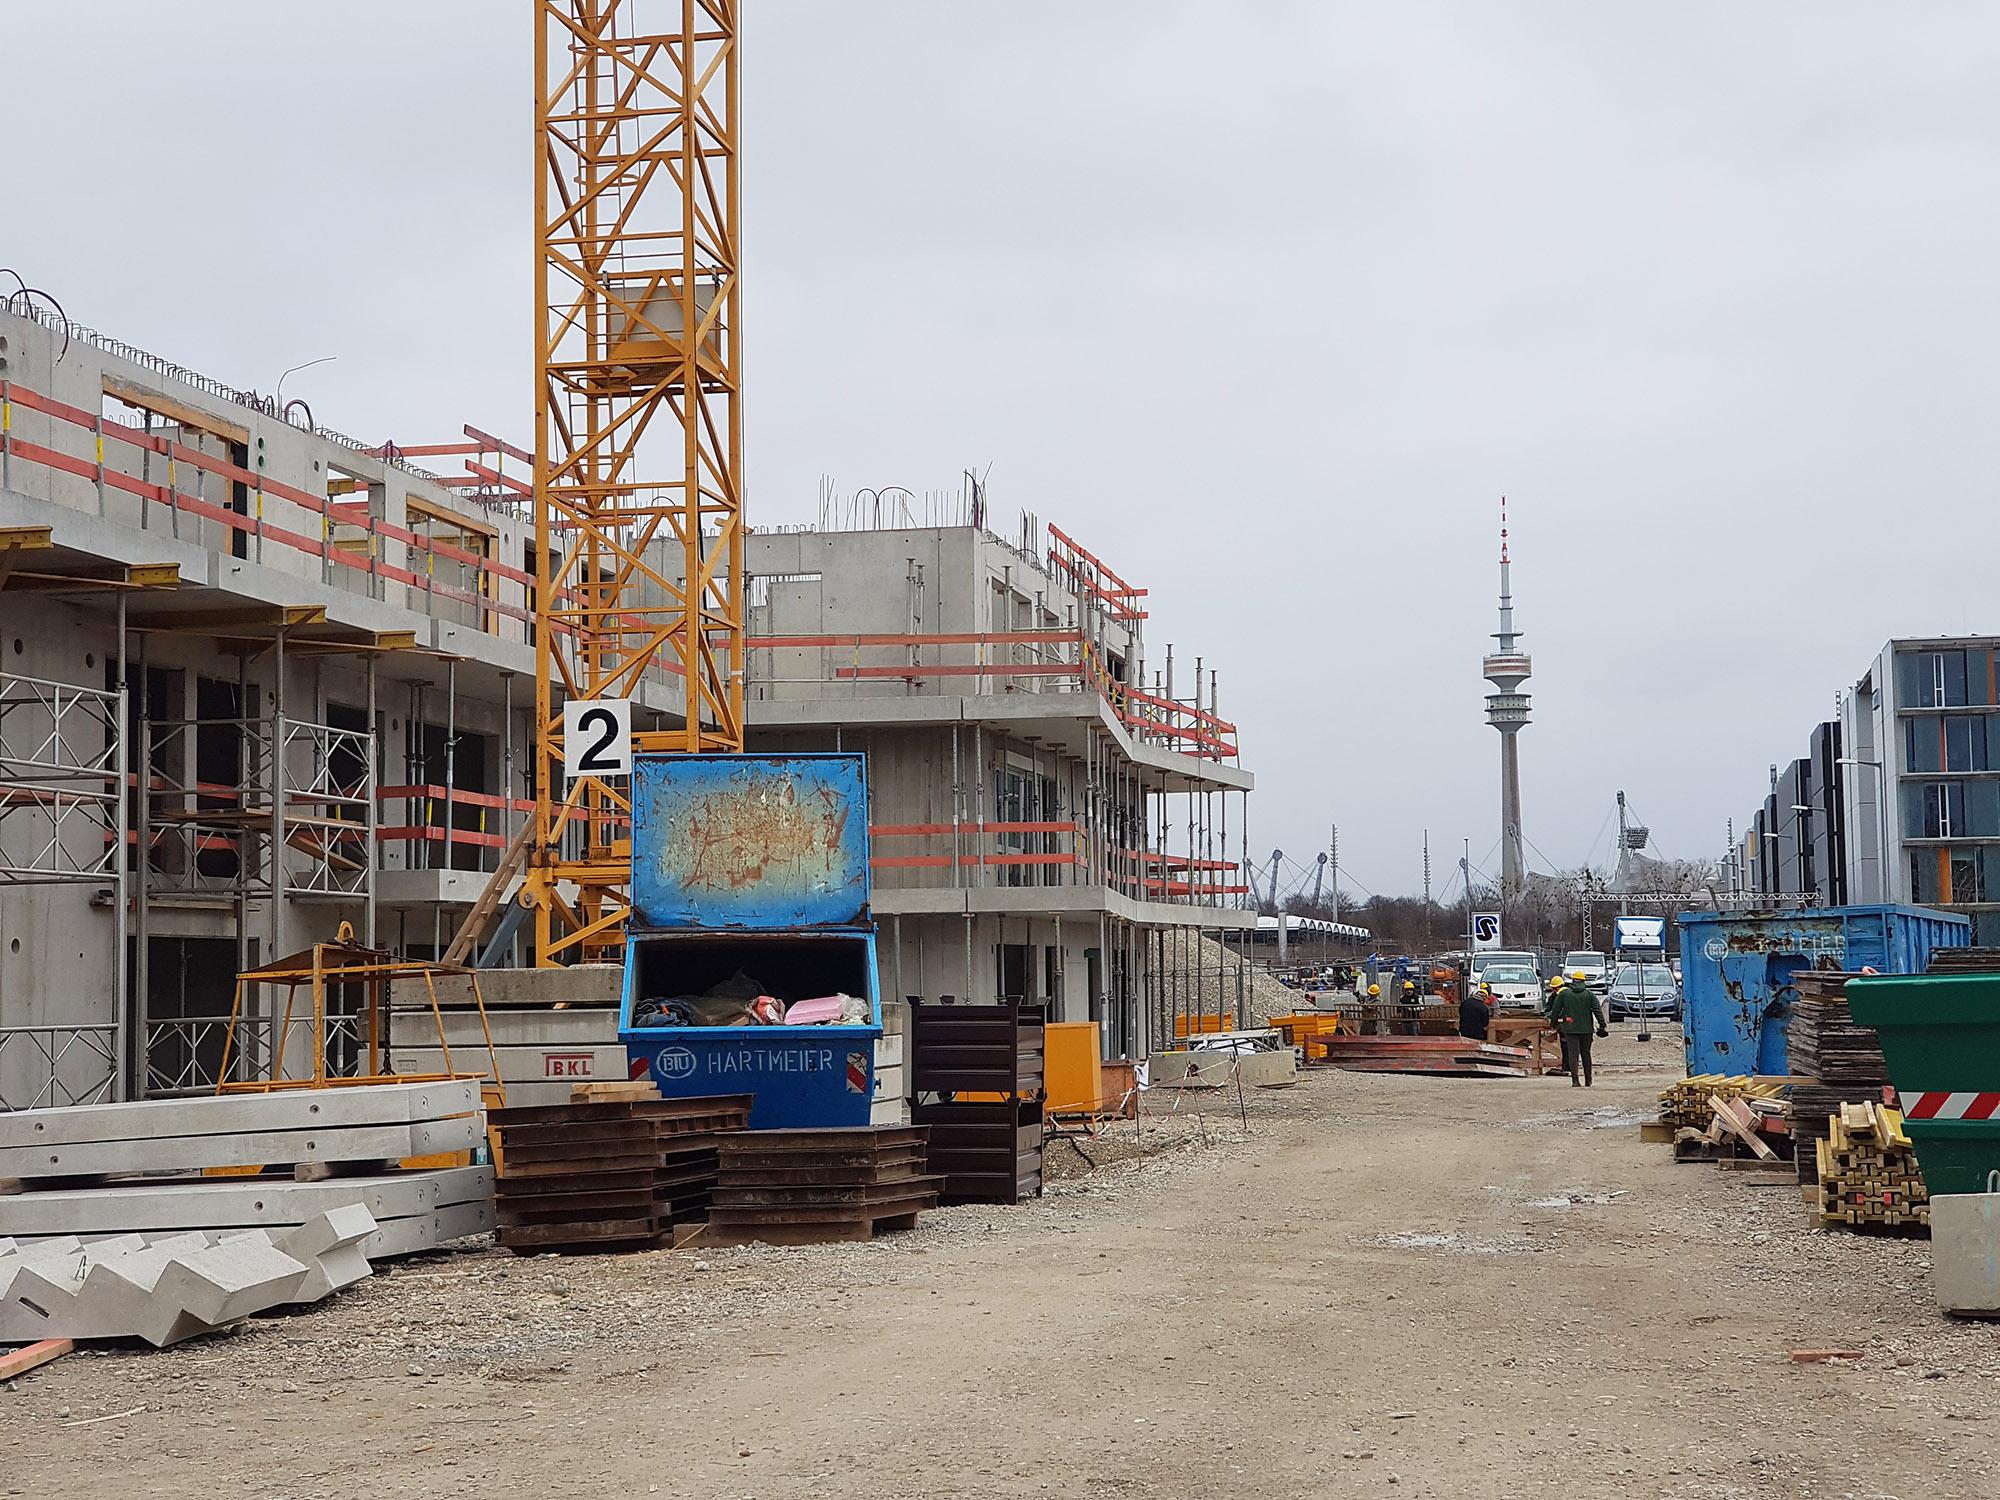 Baustelle_Feb.20